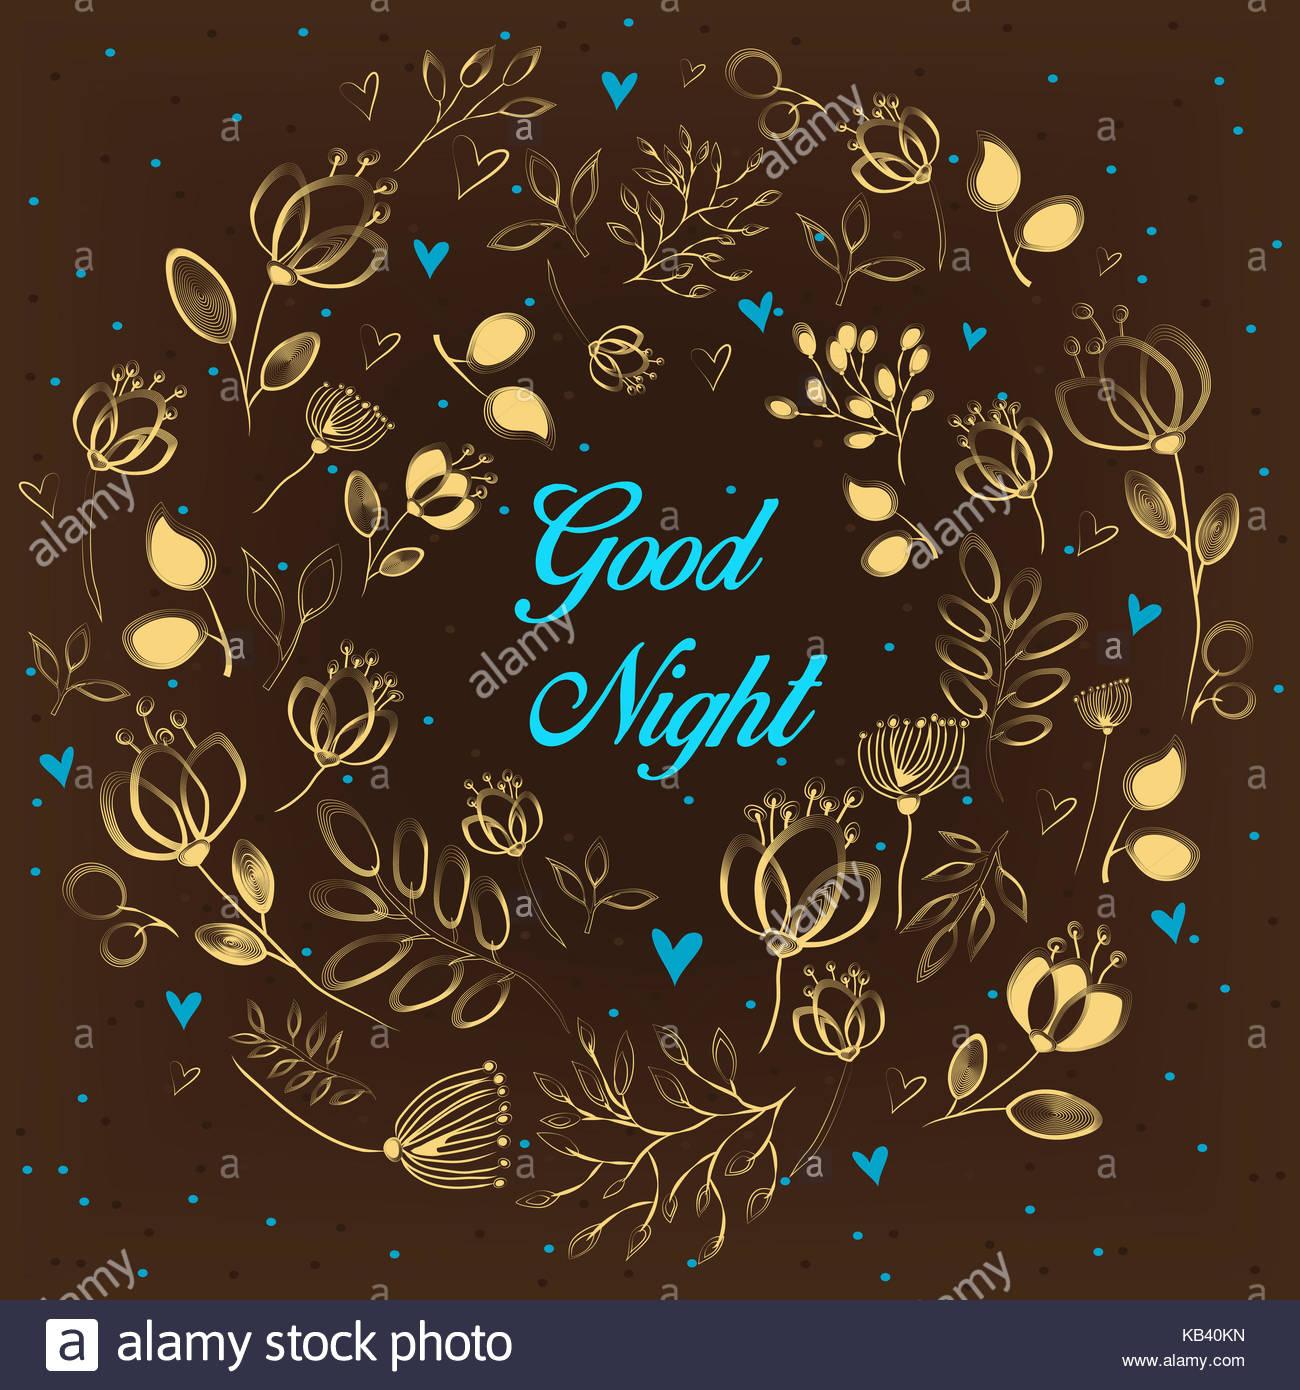 Goldene Blumen Ring Gute Nacht Blau Inschrift Anmutige Gelbe